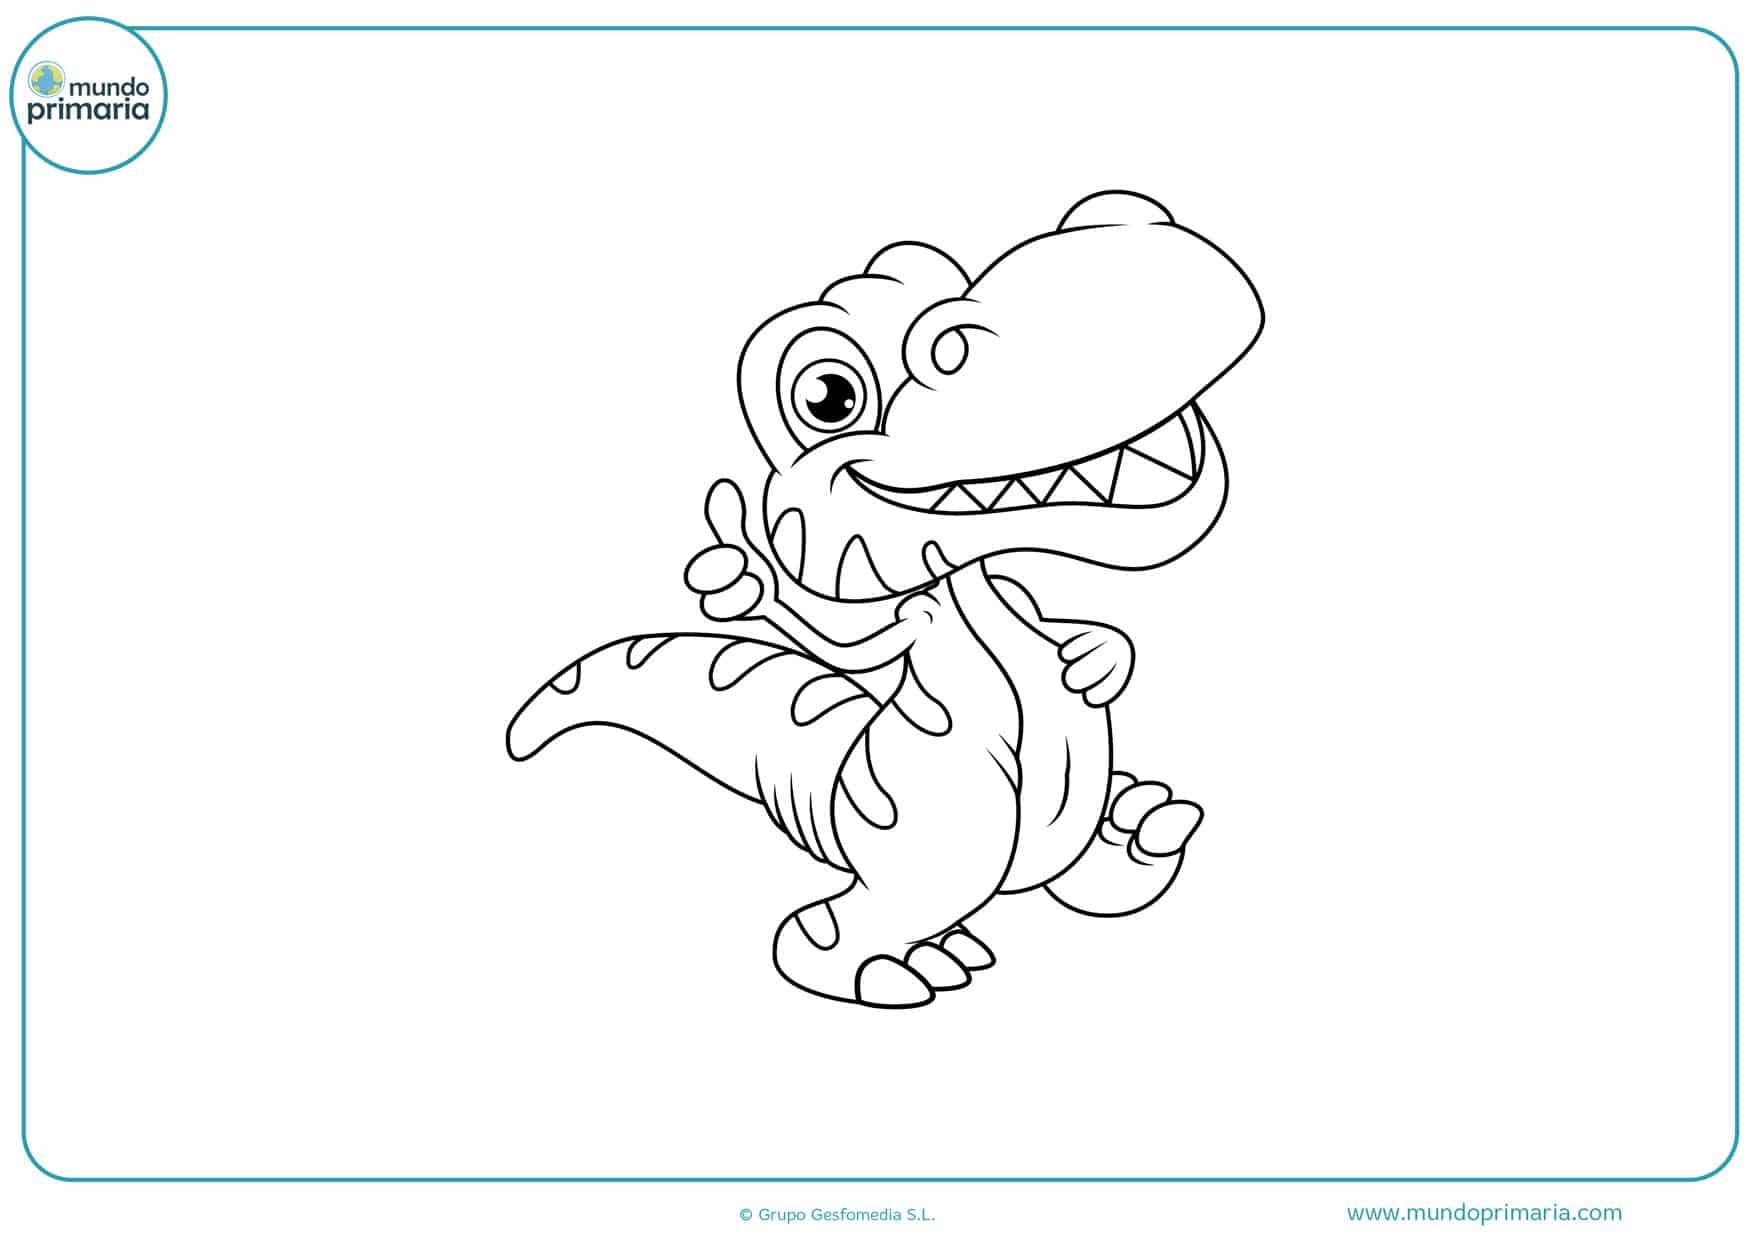 Dibujos de Dragones para colorear - Mundo Primaria